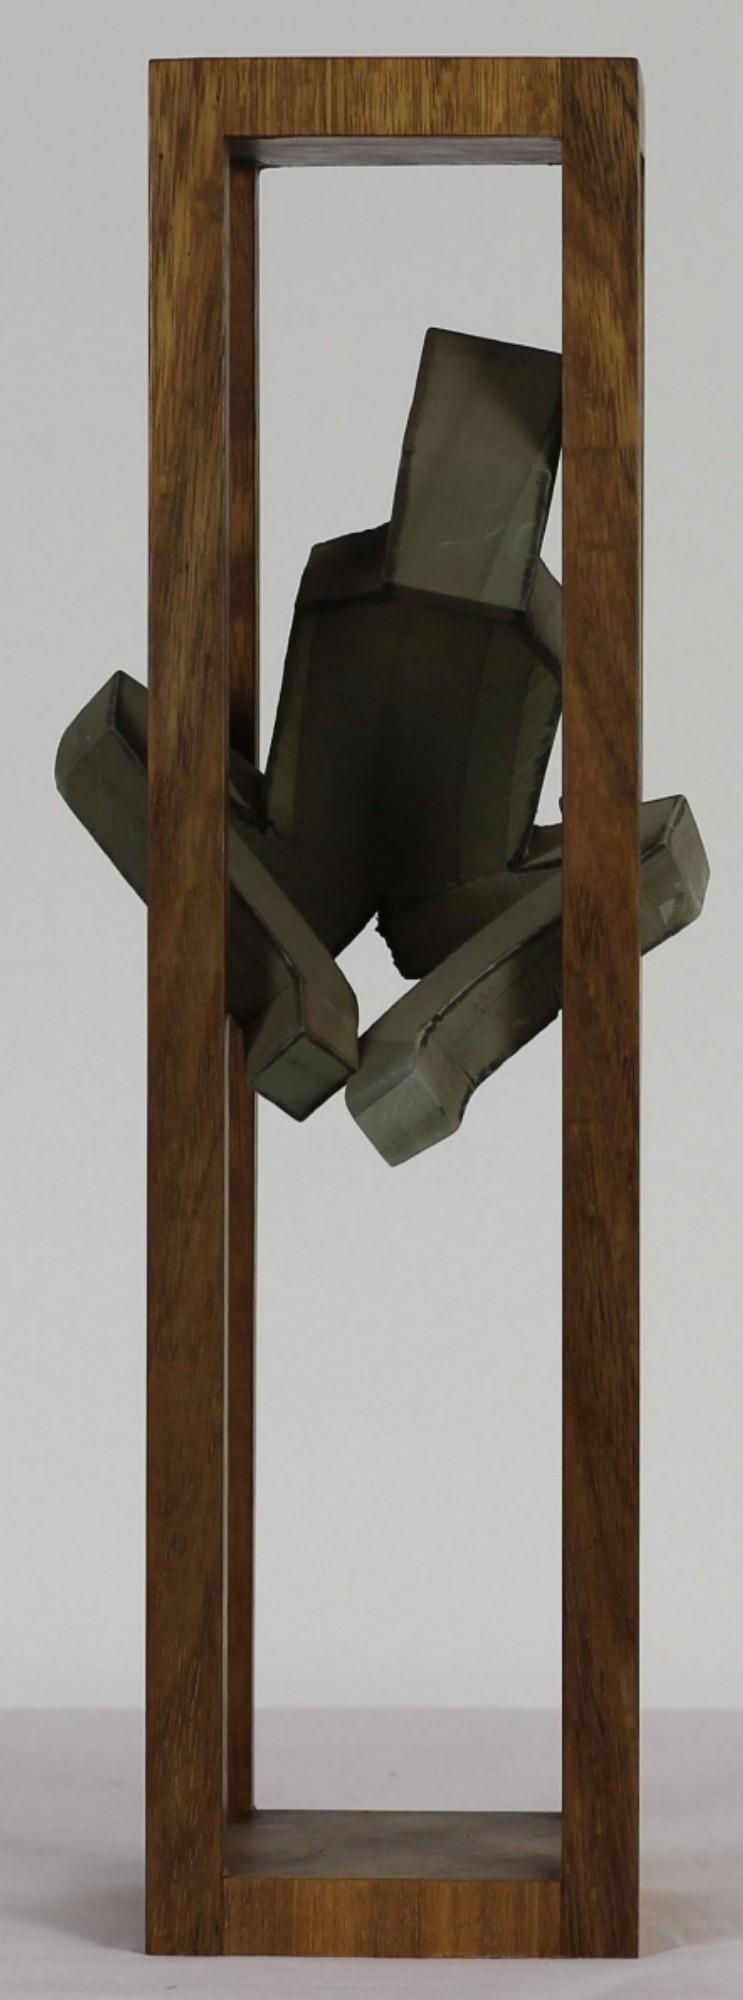 sander fantin jansen sculptuur benjamin alkmaar iroko hout rubber sculpturen beelden beeldende kunst ruimtelijke kunst skoander bisit skoander.com beeldhouwer industrieel vormgever rietveld academie kunstenaar